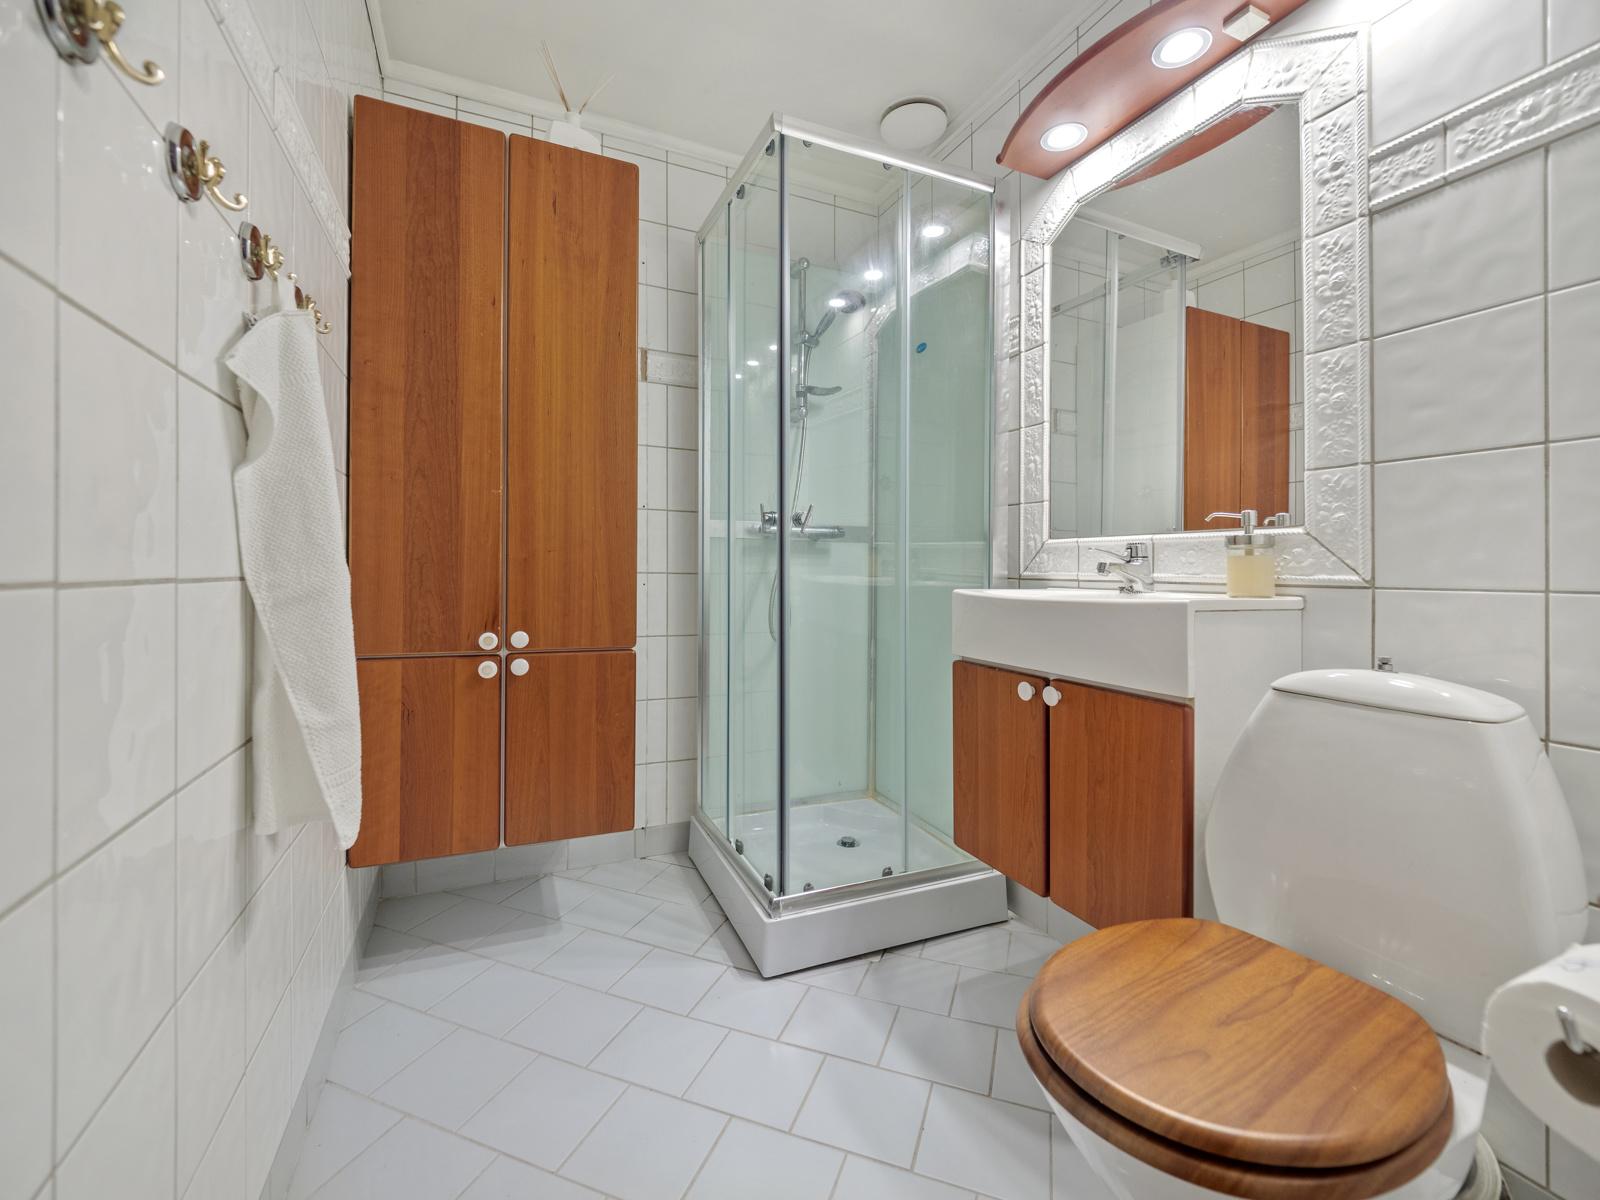 Bad med dusjkabinett, wc og servant.